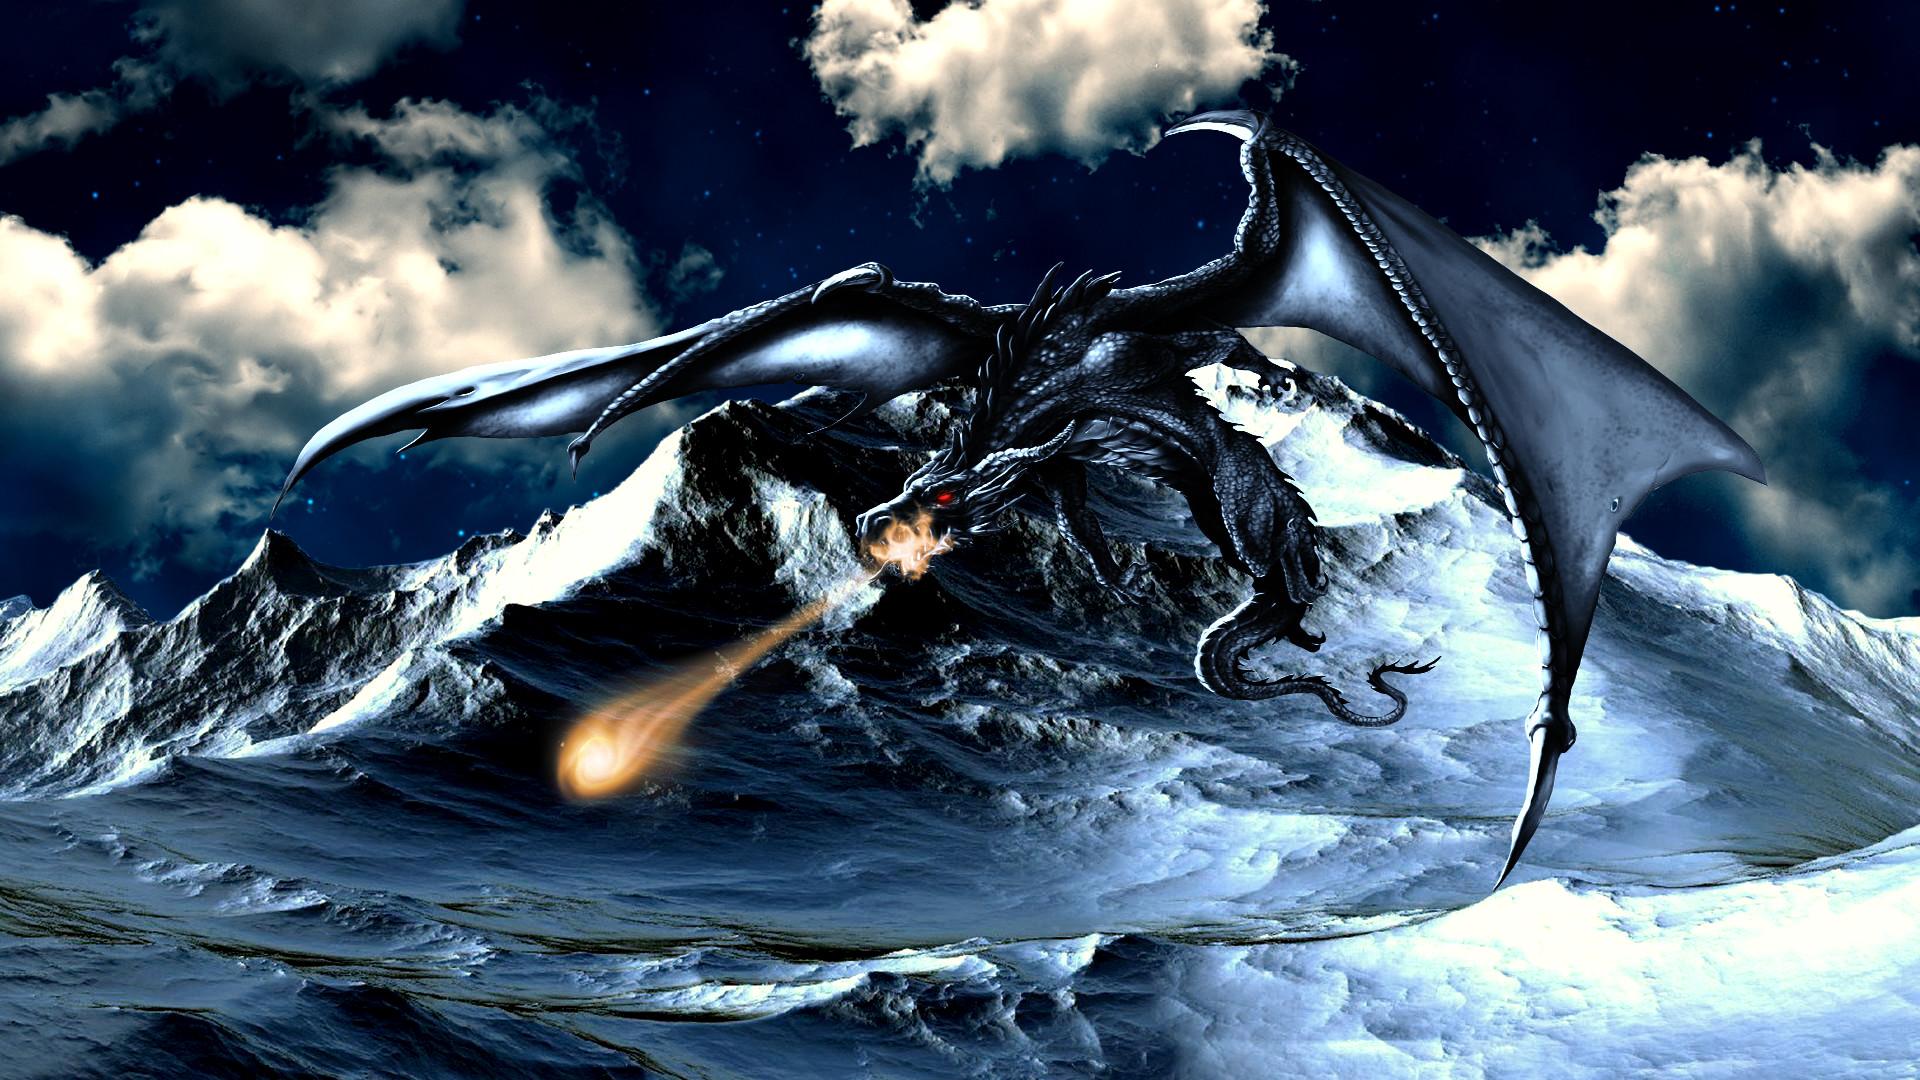 Картинки для рабочего стола и драконами